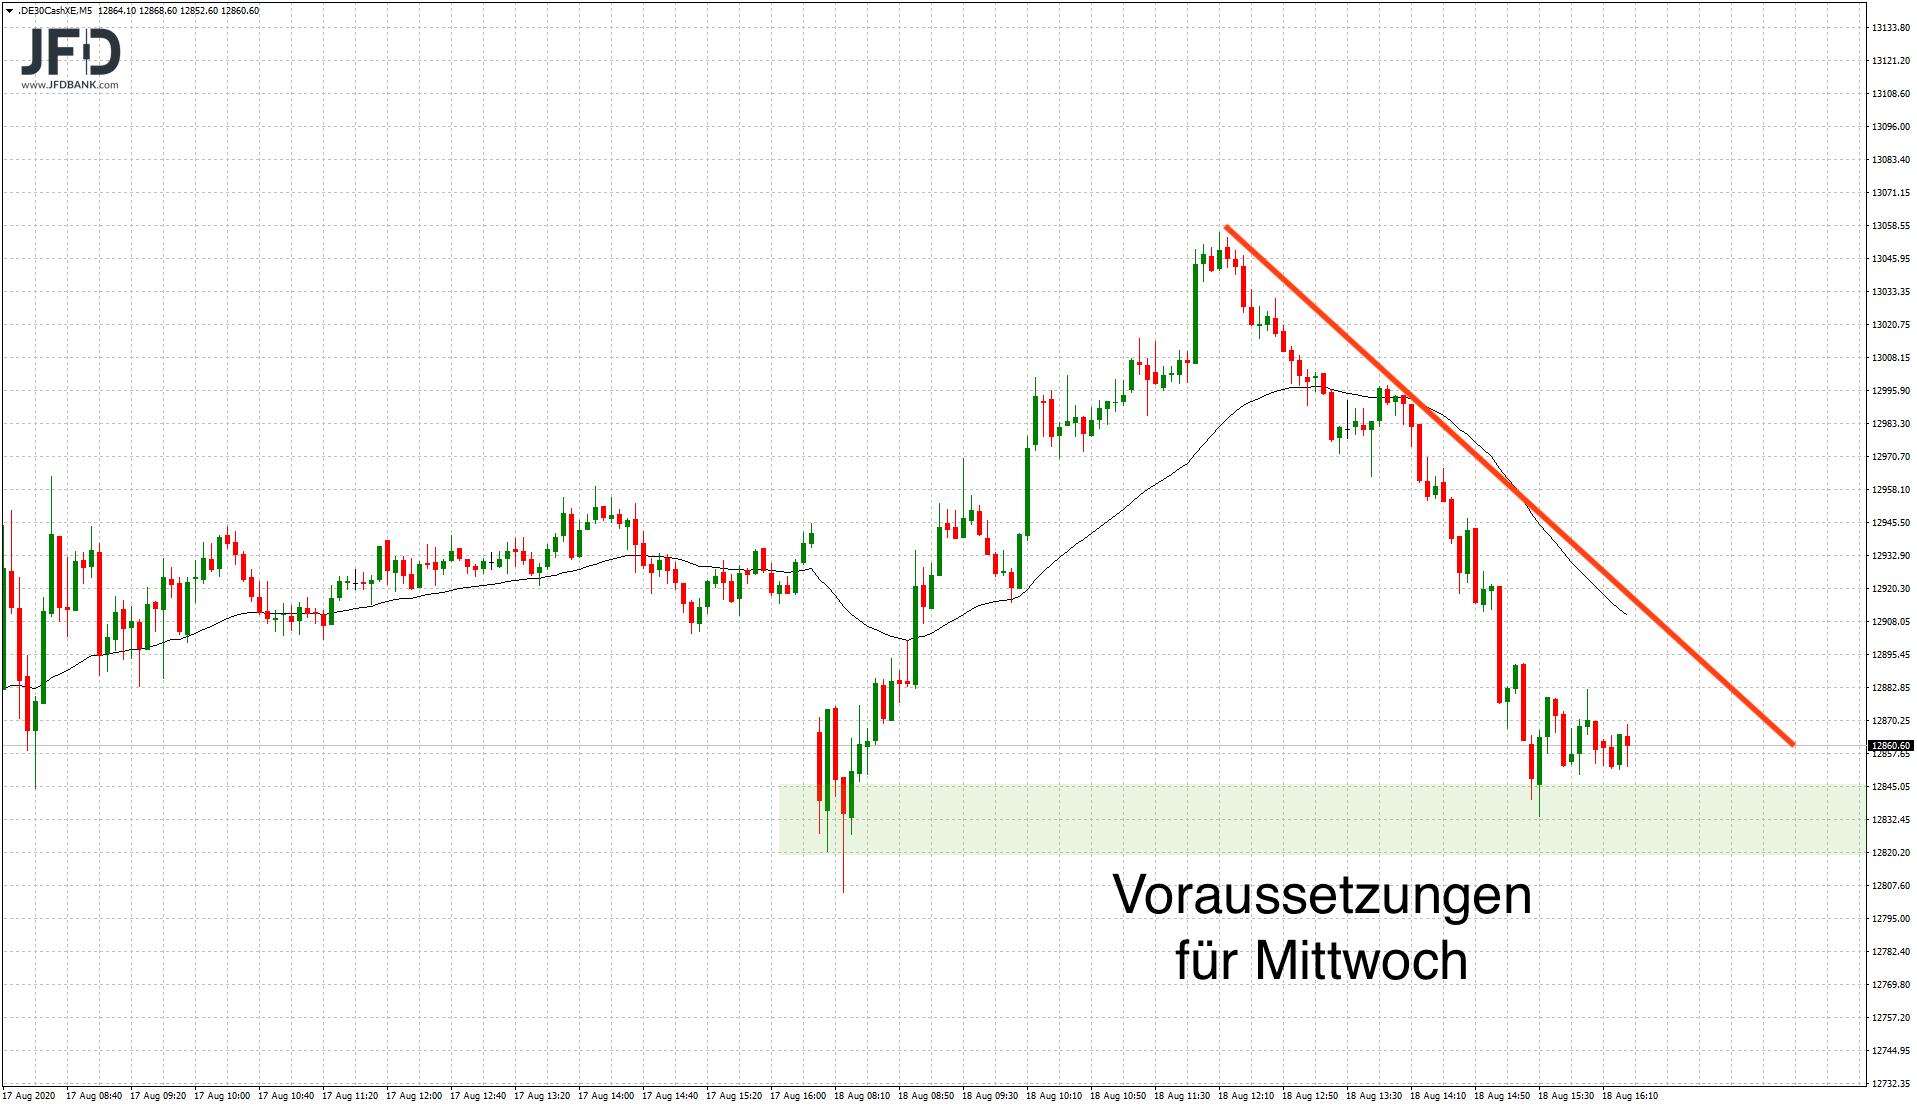 Mittwochsmarken im DAX-Trading